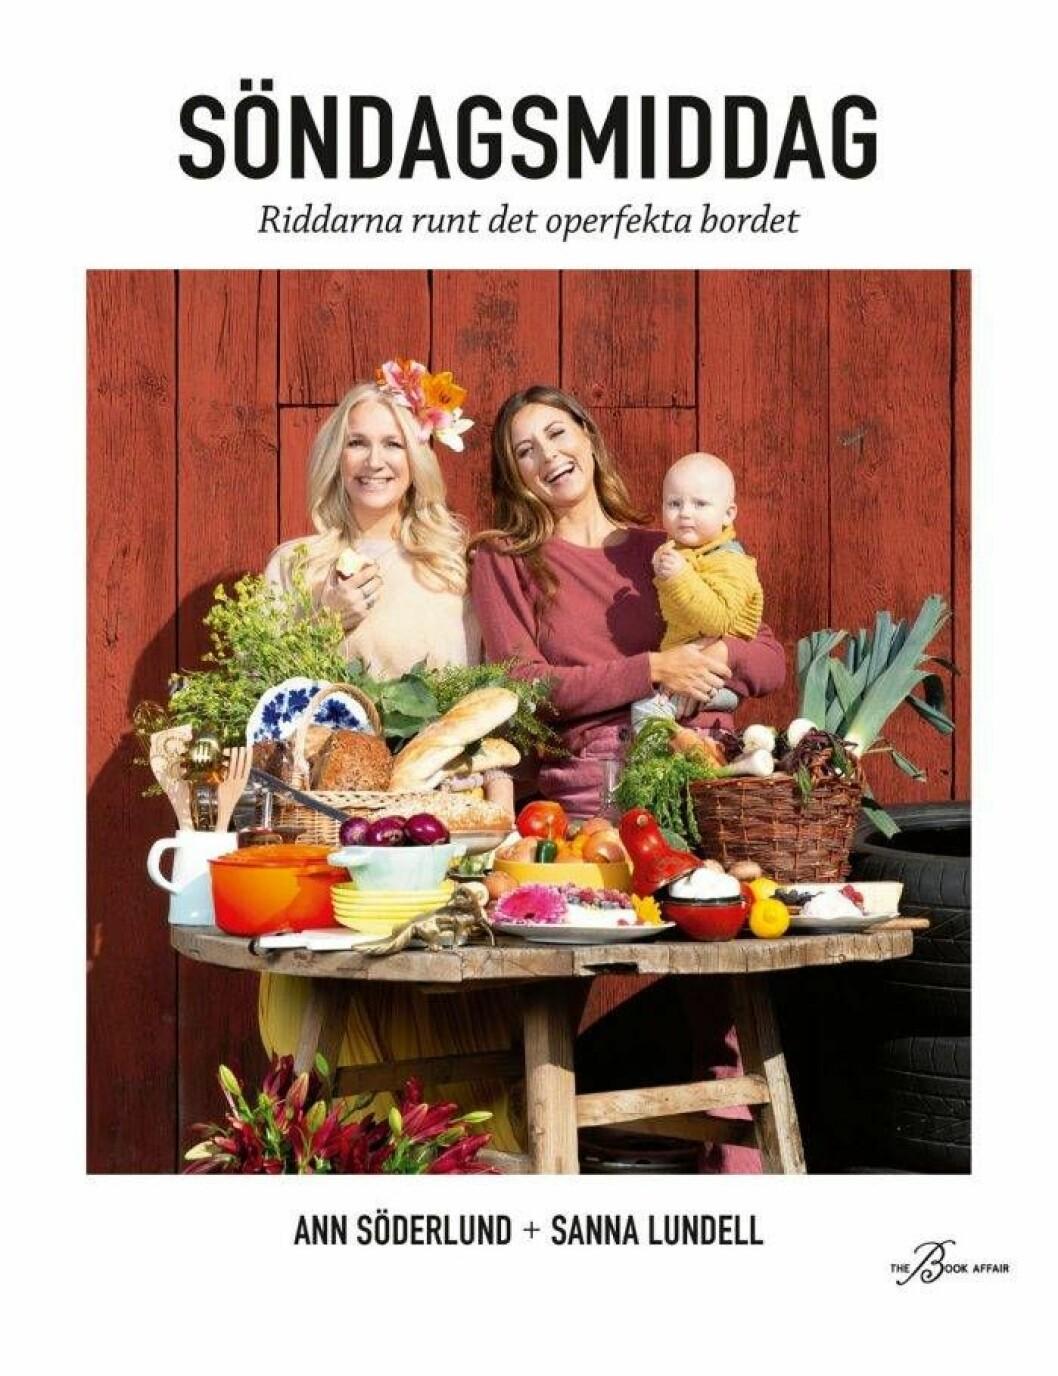 """Ann Söderlunds och Sanna Lundells kokbok """"Söndagsmiddag – riddarna runt det operfekta bordet""""."""